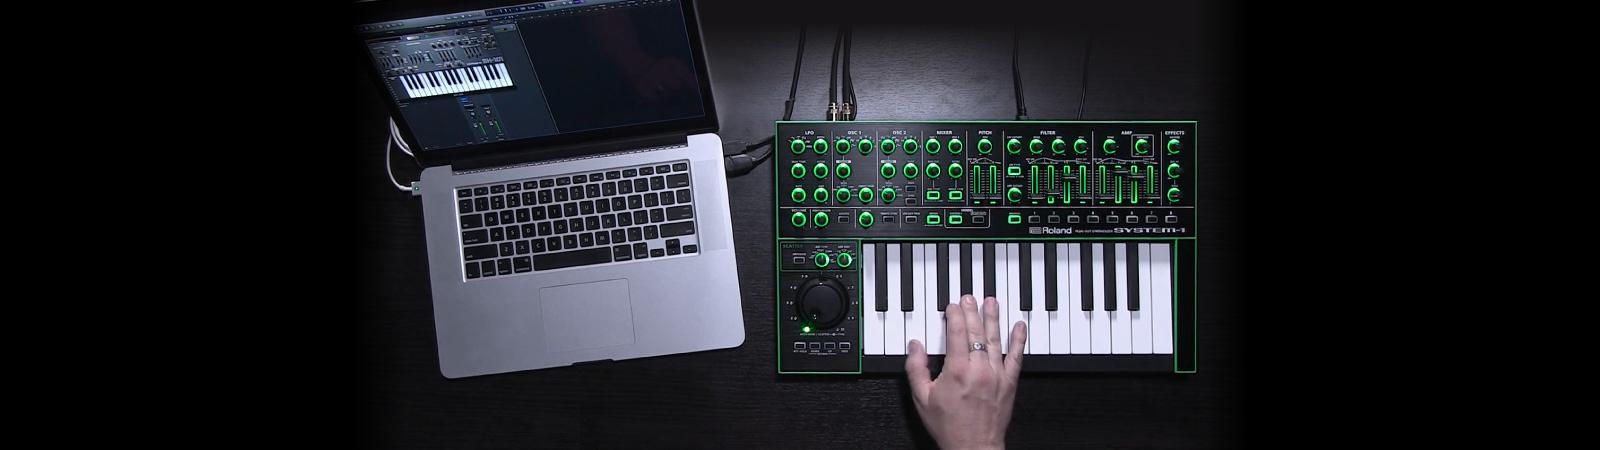 Программа Синтезатор На Компьютере Скачать Бесплатно